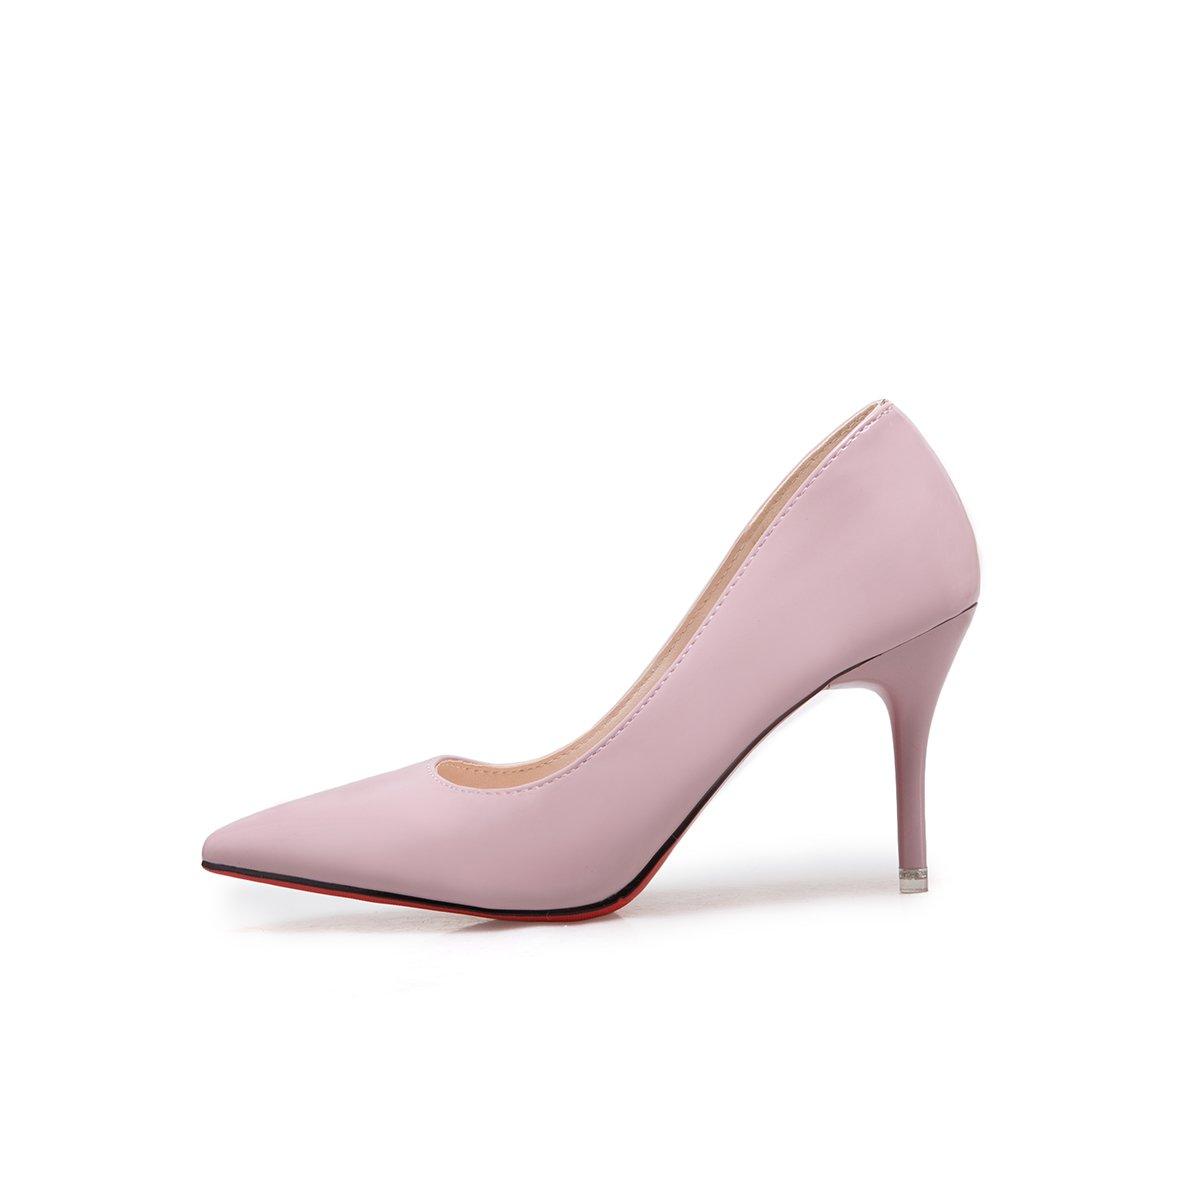 Xue Qiqi Licht - - - bemalte Leder Einzel Schuhe fein mit einem spitzen Schuhe mit hohen Absätzen und vielseitige Karriere Schuhe weiblich 38 nackten Rosa (8 cm) 4dea92